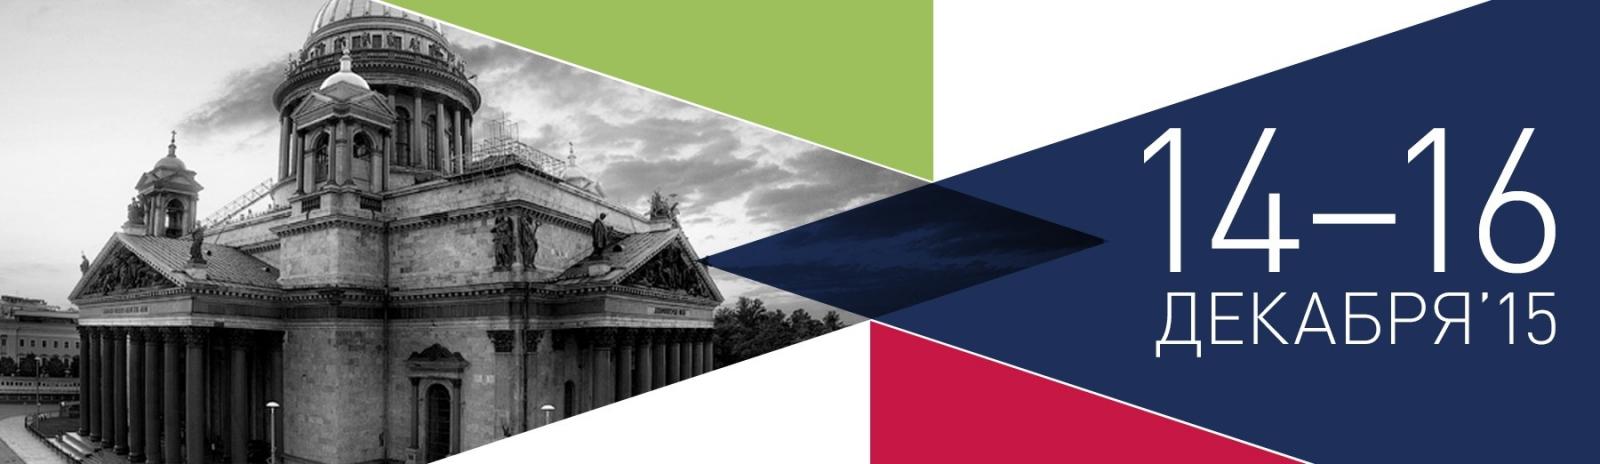 Приглашаем принять участие в Санкт-Петербургском Международном Культурном Форуме